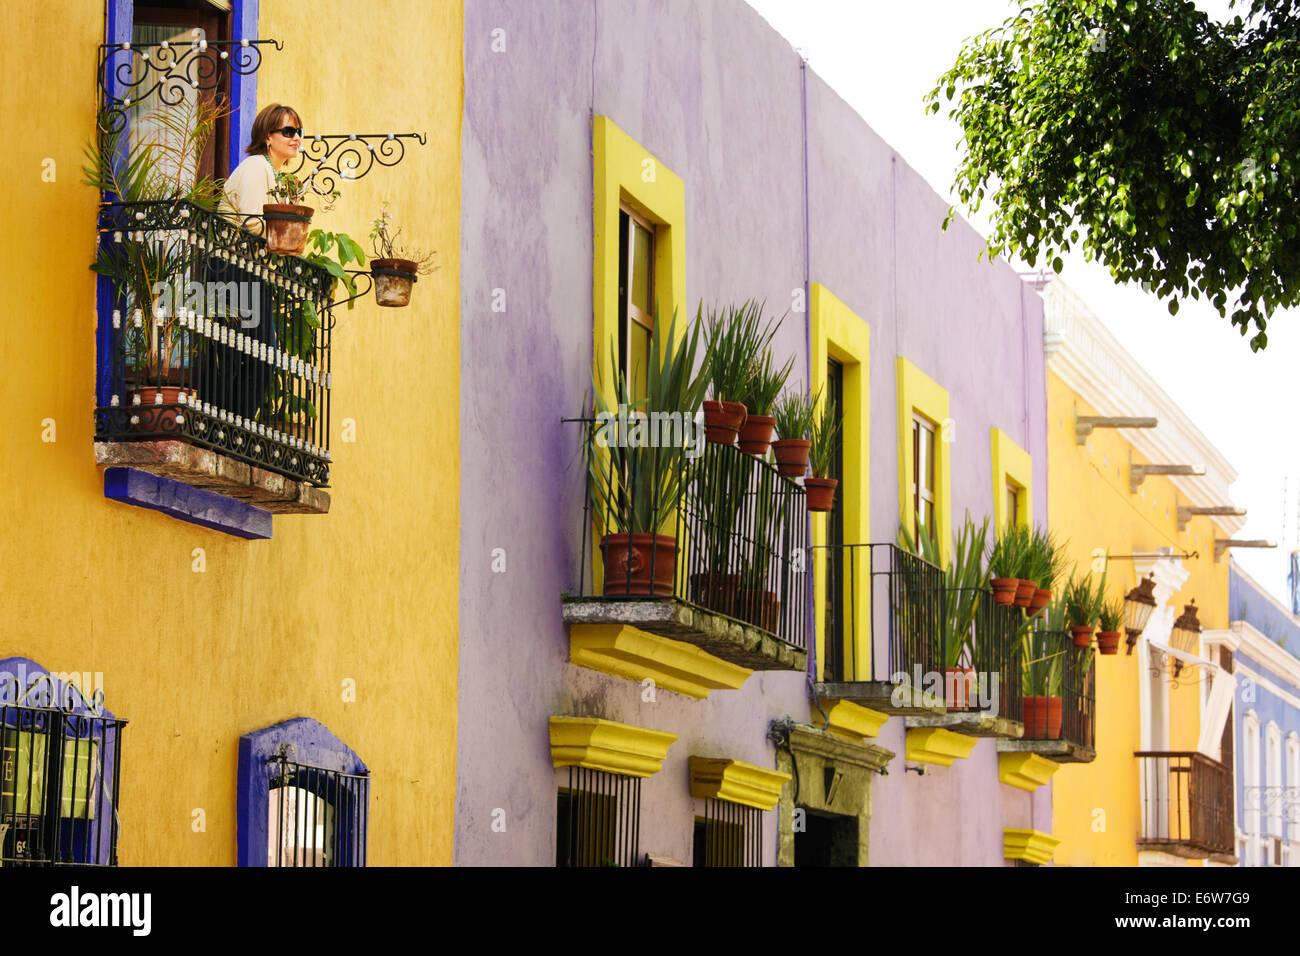 Un turista mira al callejón de los sapos, una colorida calle en Puebla, México. Imagen De Stock